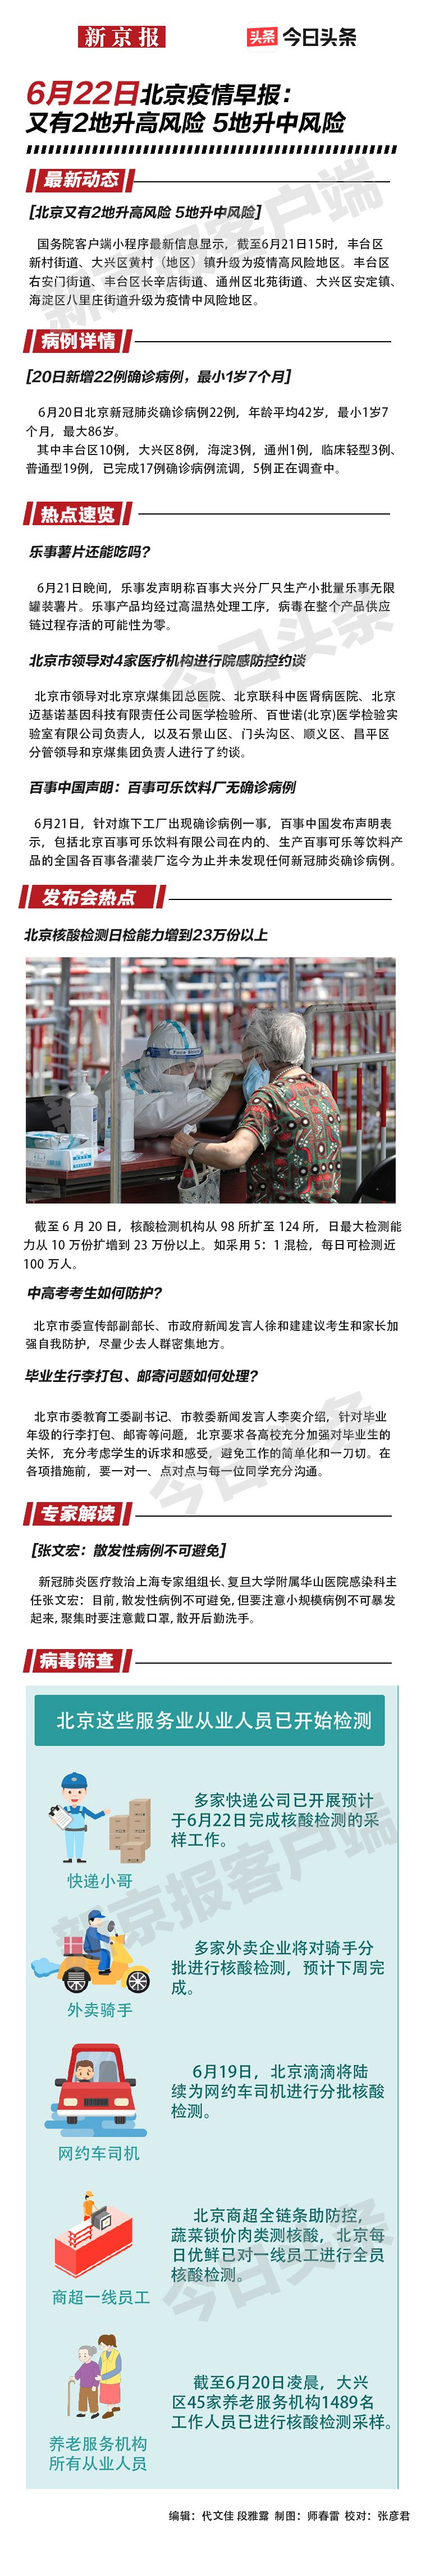 杏悦,6月22日杏悦北京疫情早报图片